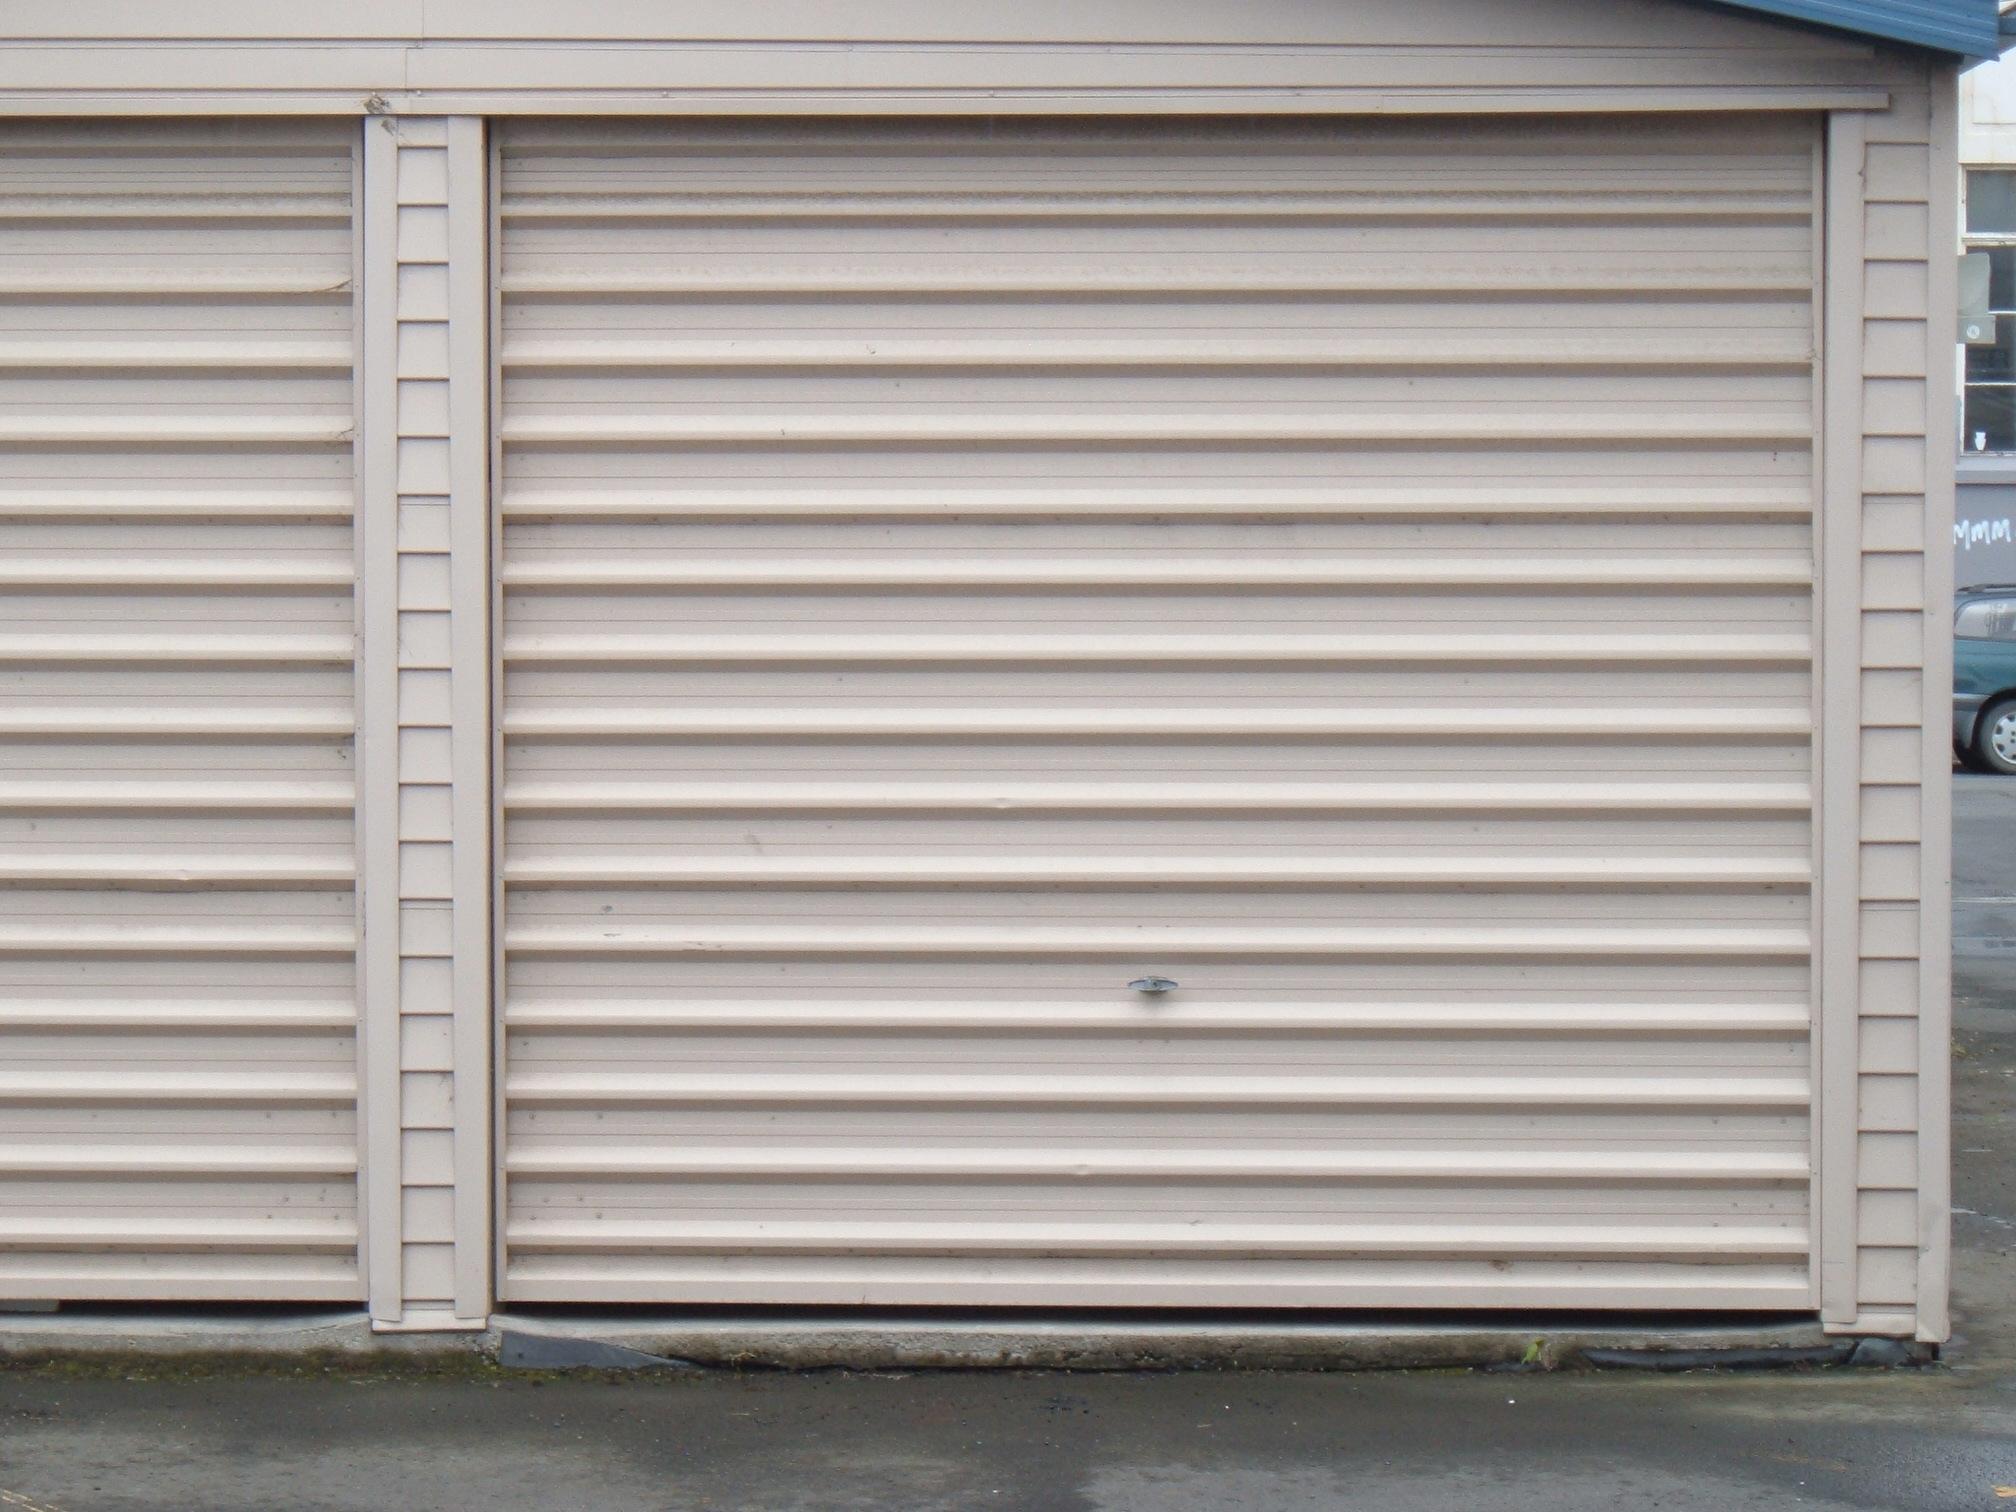 1512 #4E6473 Corrugated Steel Garage Door New Zealand Flickr Photo Sharing! wallpaper Steel Shop Doors 38652016